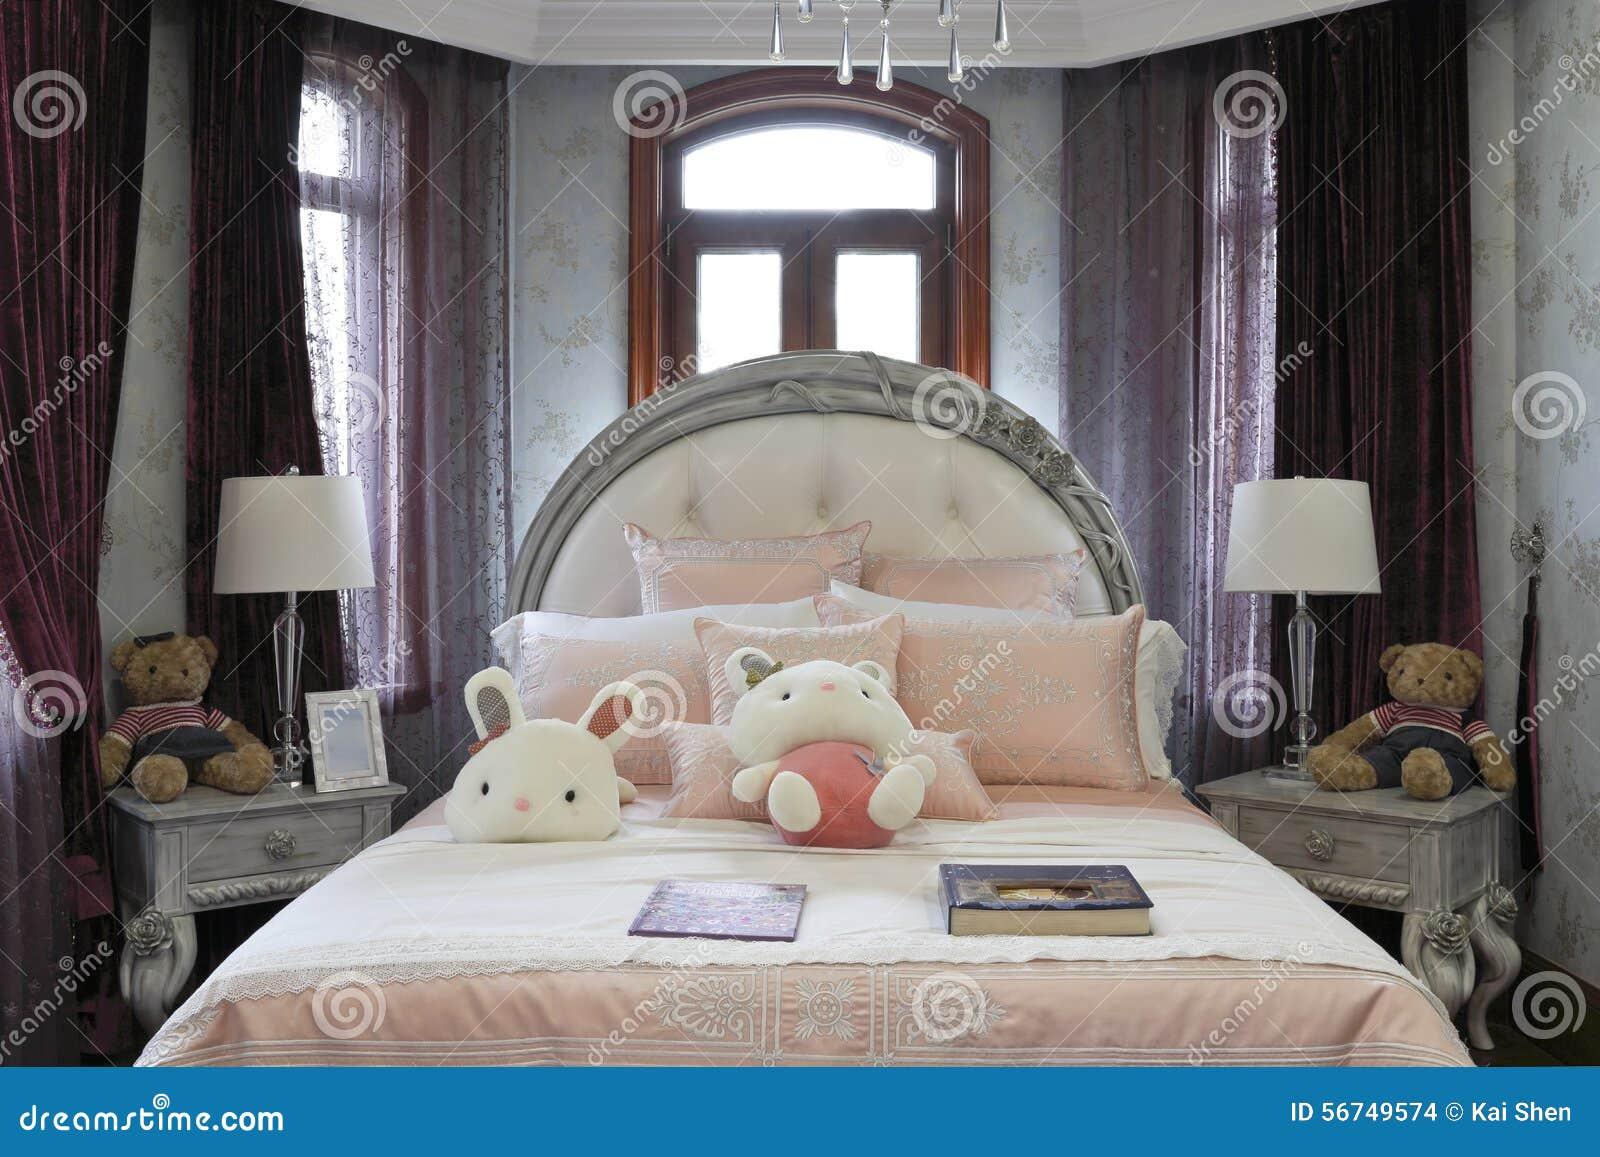 Stile francese della camera da letto fotografia stock immagine di libri esempio 56749574 - Camera da letto in francese ...